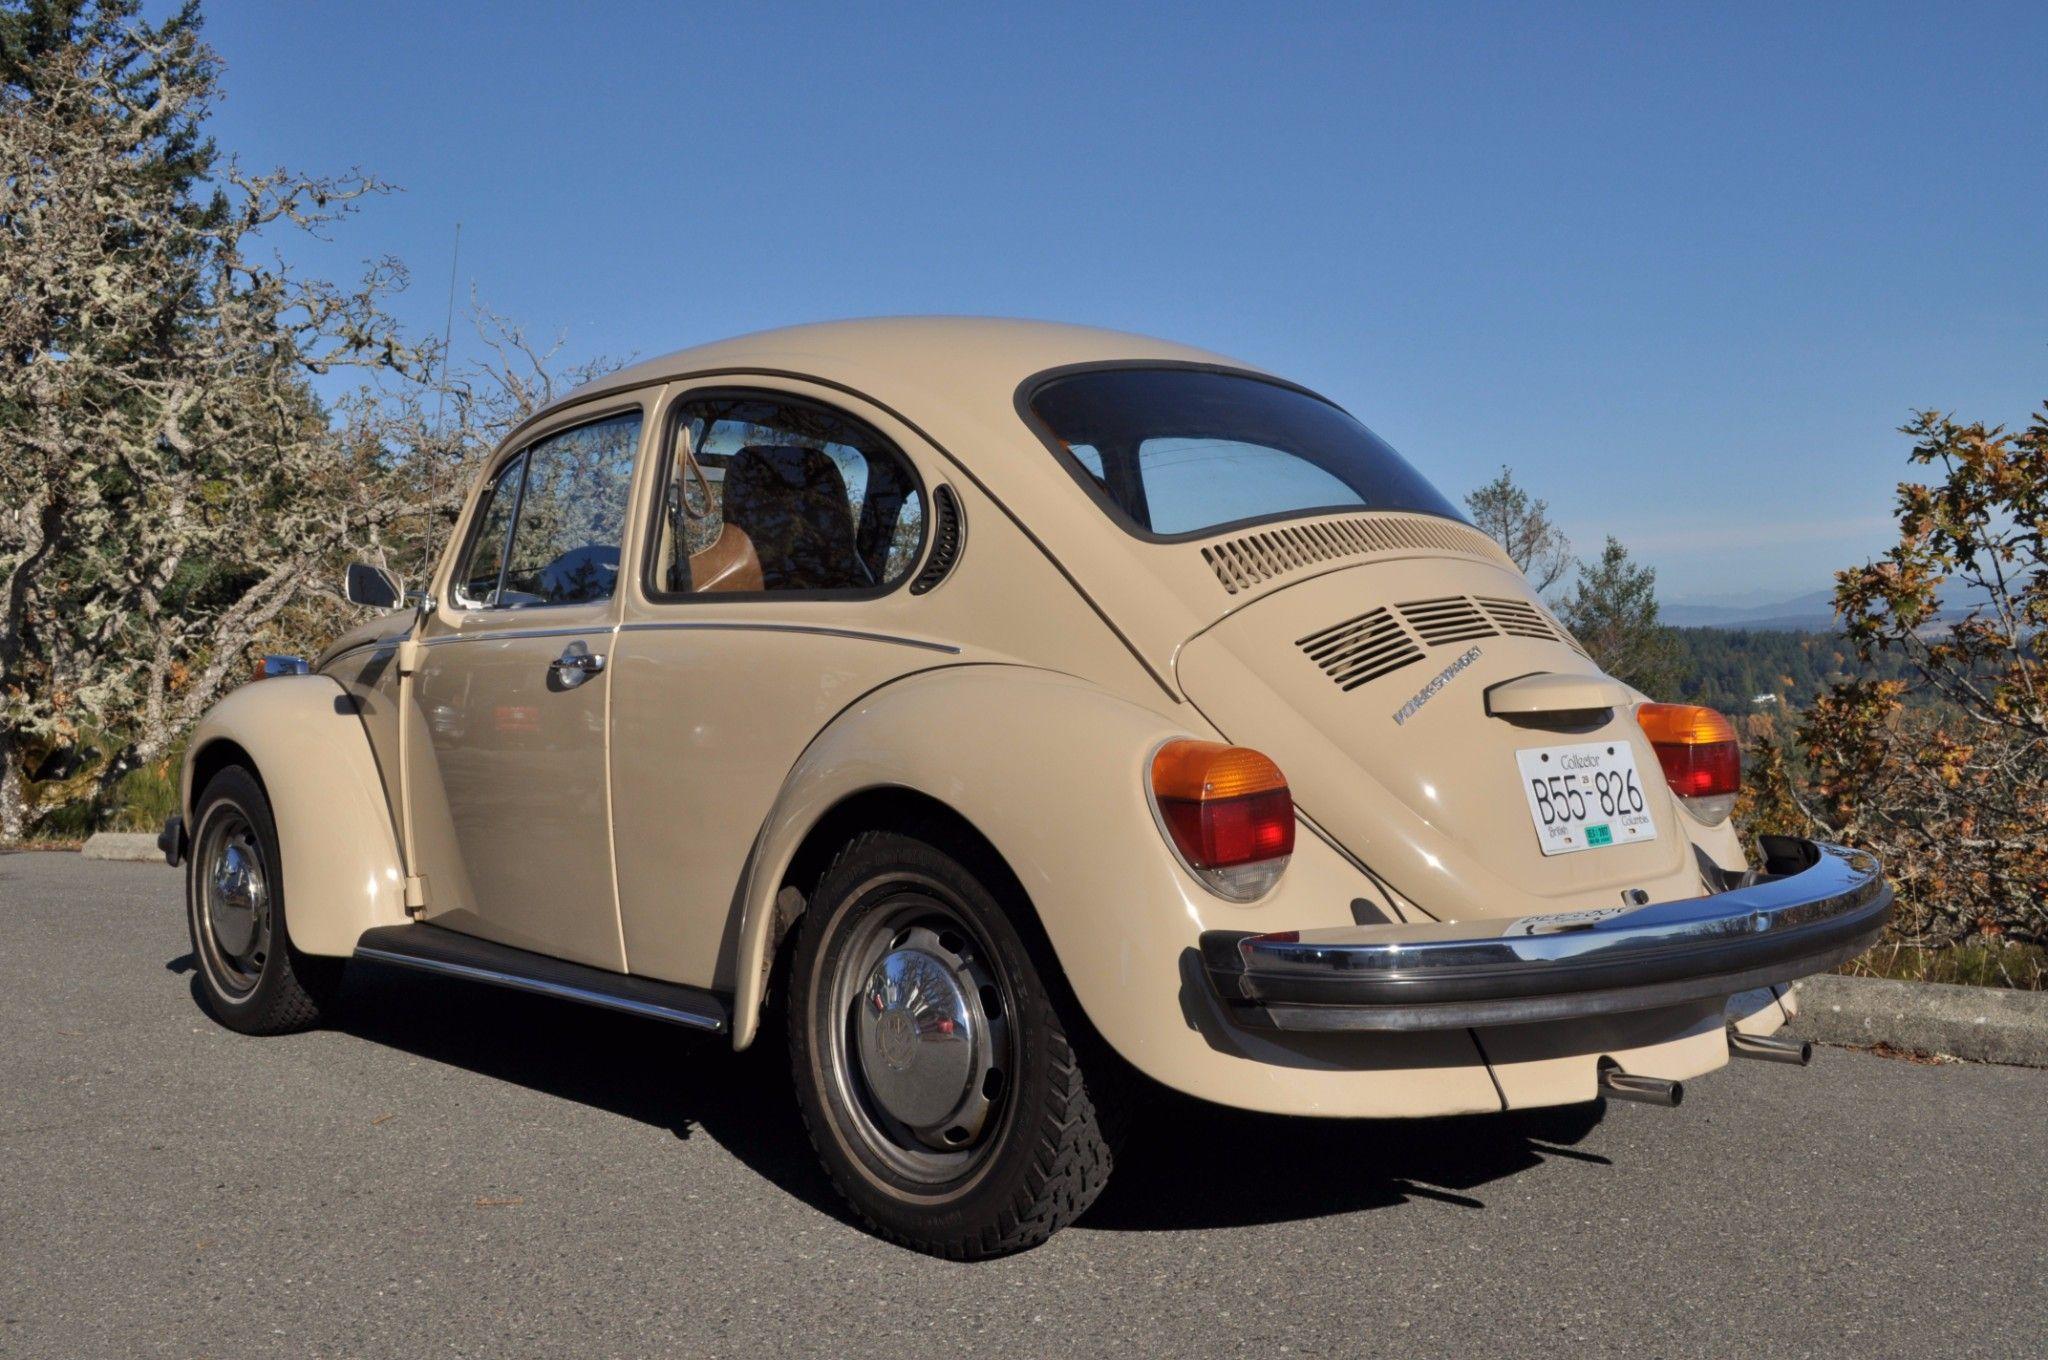 1974 Volkswagen Super Beetle In 2020 Vw Super Beetle Vw Beetle Classic Vintage Volkswagen